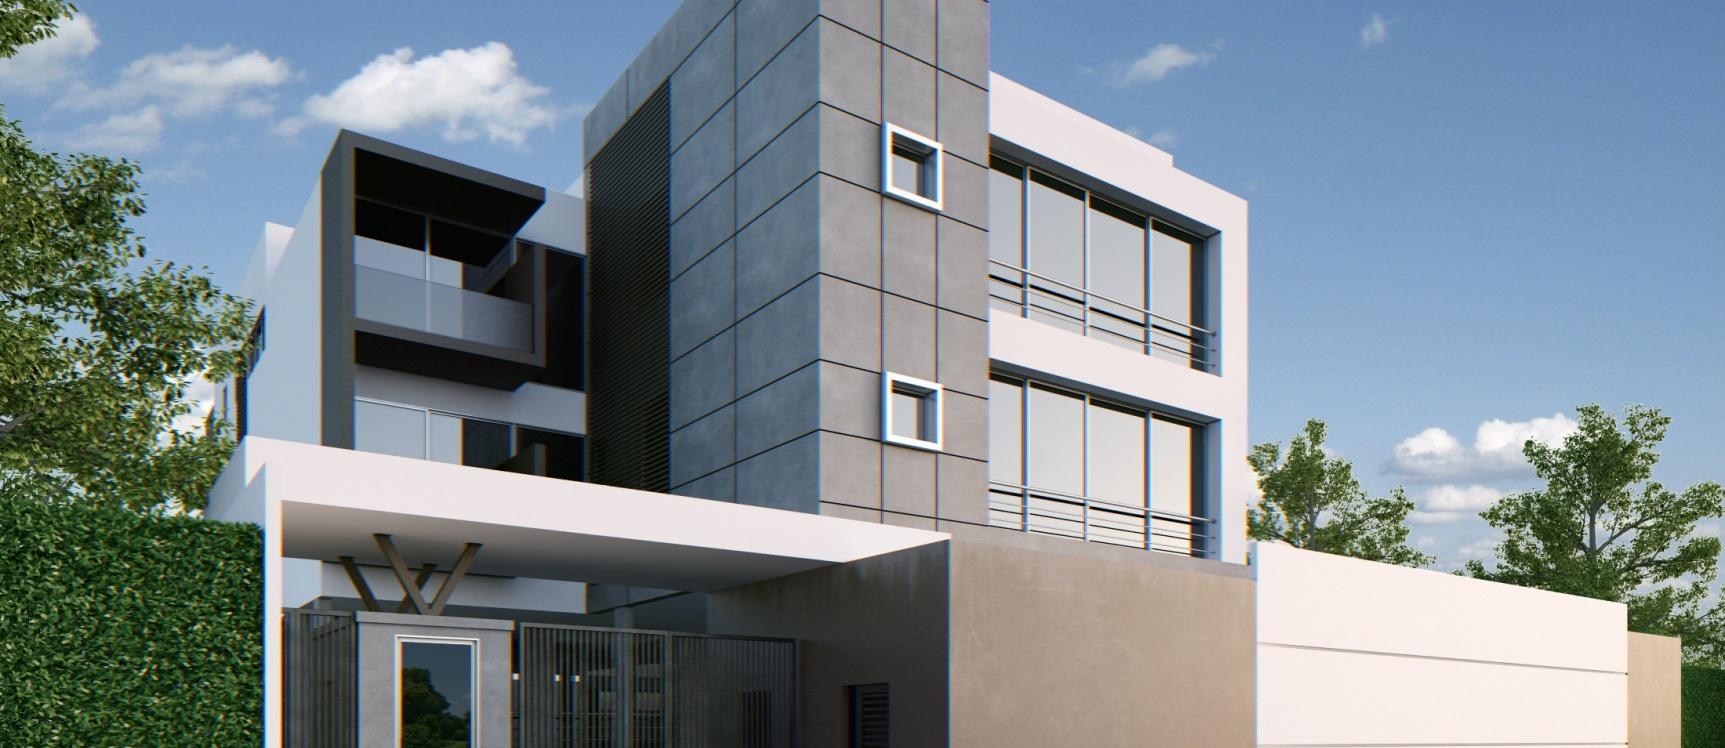 GeoBienes - D5 - Departamento en venta primer piso Los Ceibos Guayaquil - Plusvalia Guayaquil Casas de venta y alquiler Inmobiliaria Ecuador